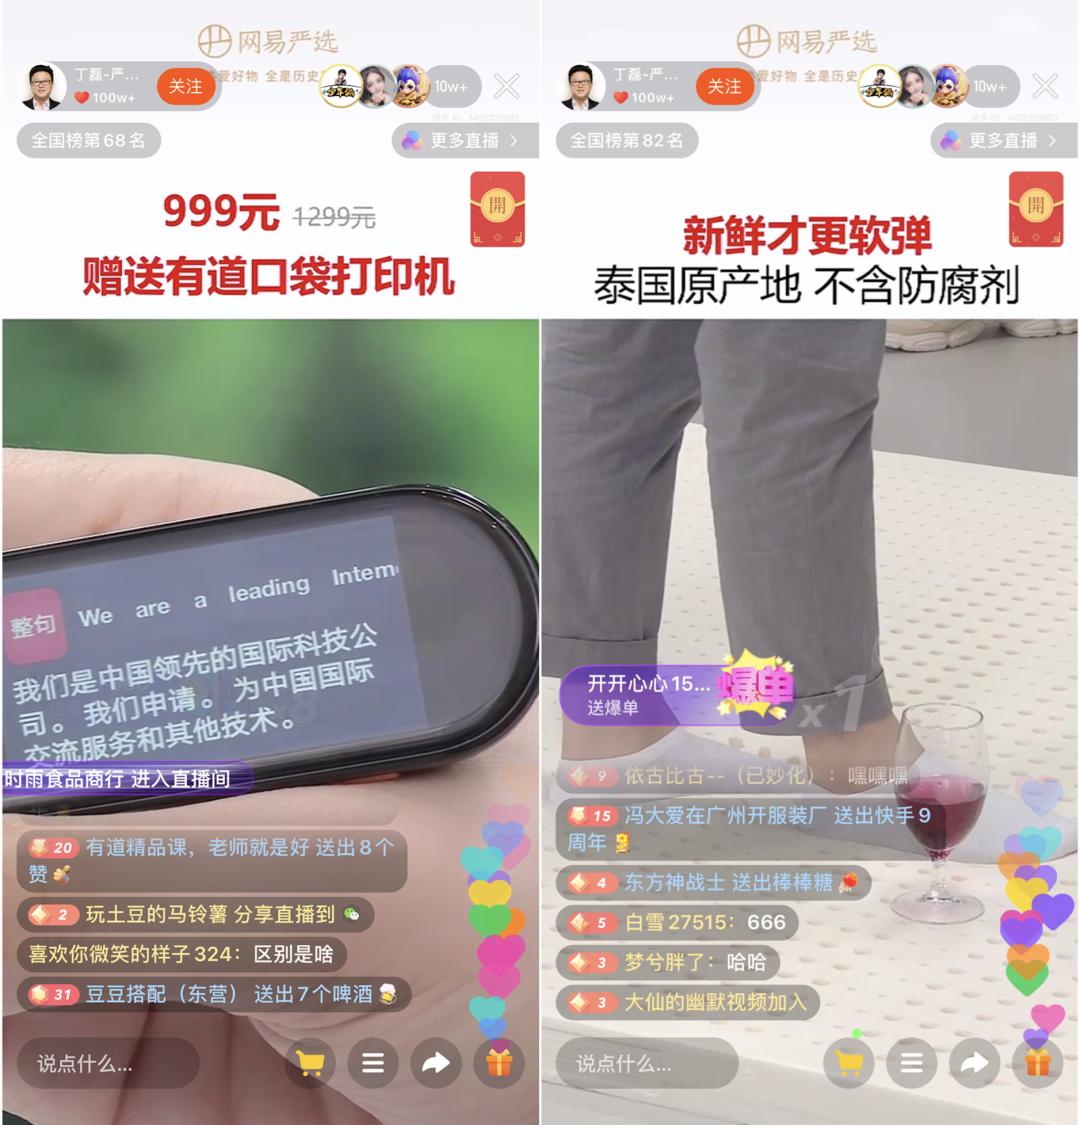 """40件商品数据告诉你,丁磊如何在快手""""卖""""严选 (https://ixgm.com/) 生活 第7张"""